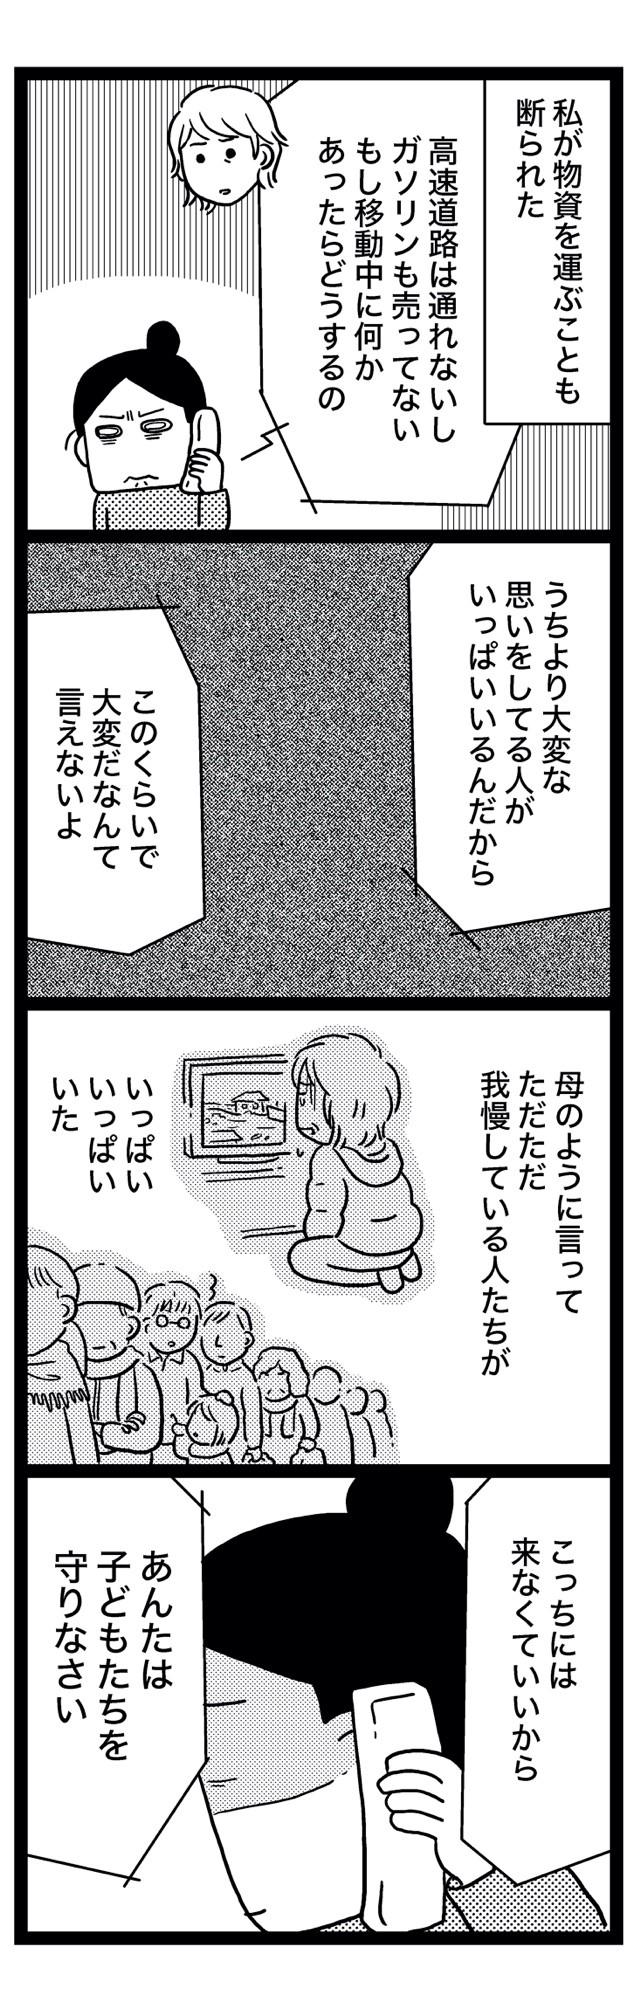 sinsai6-6